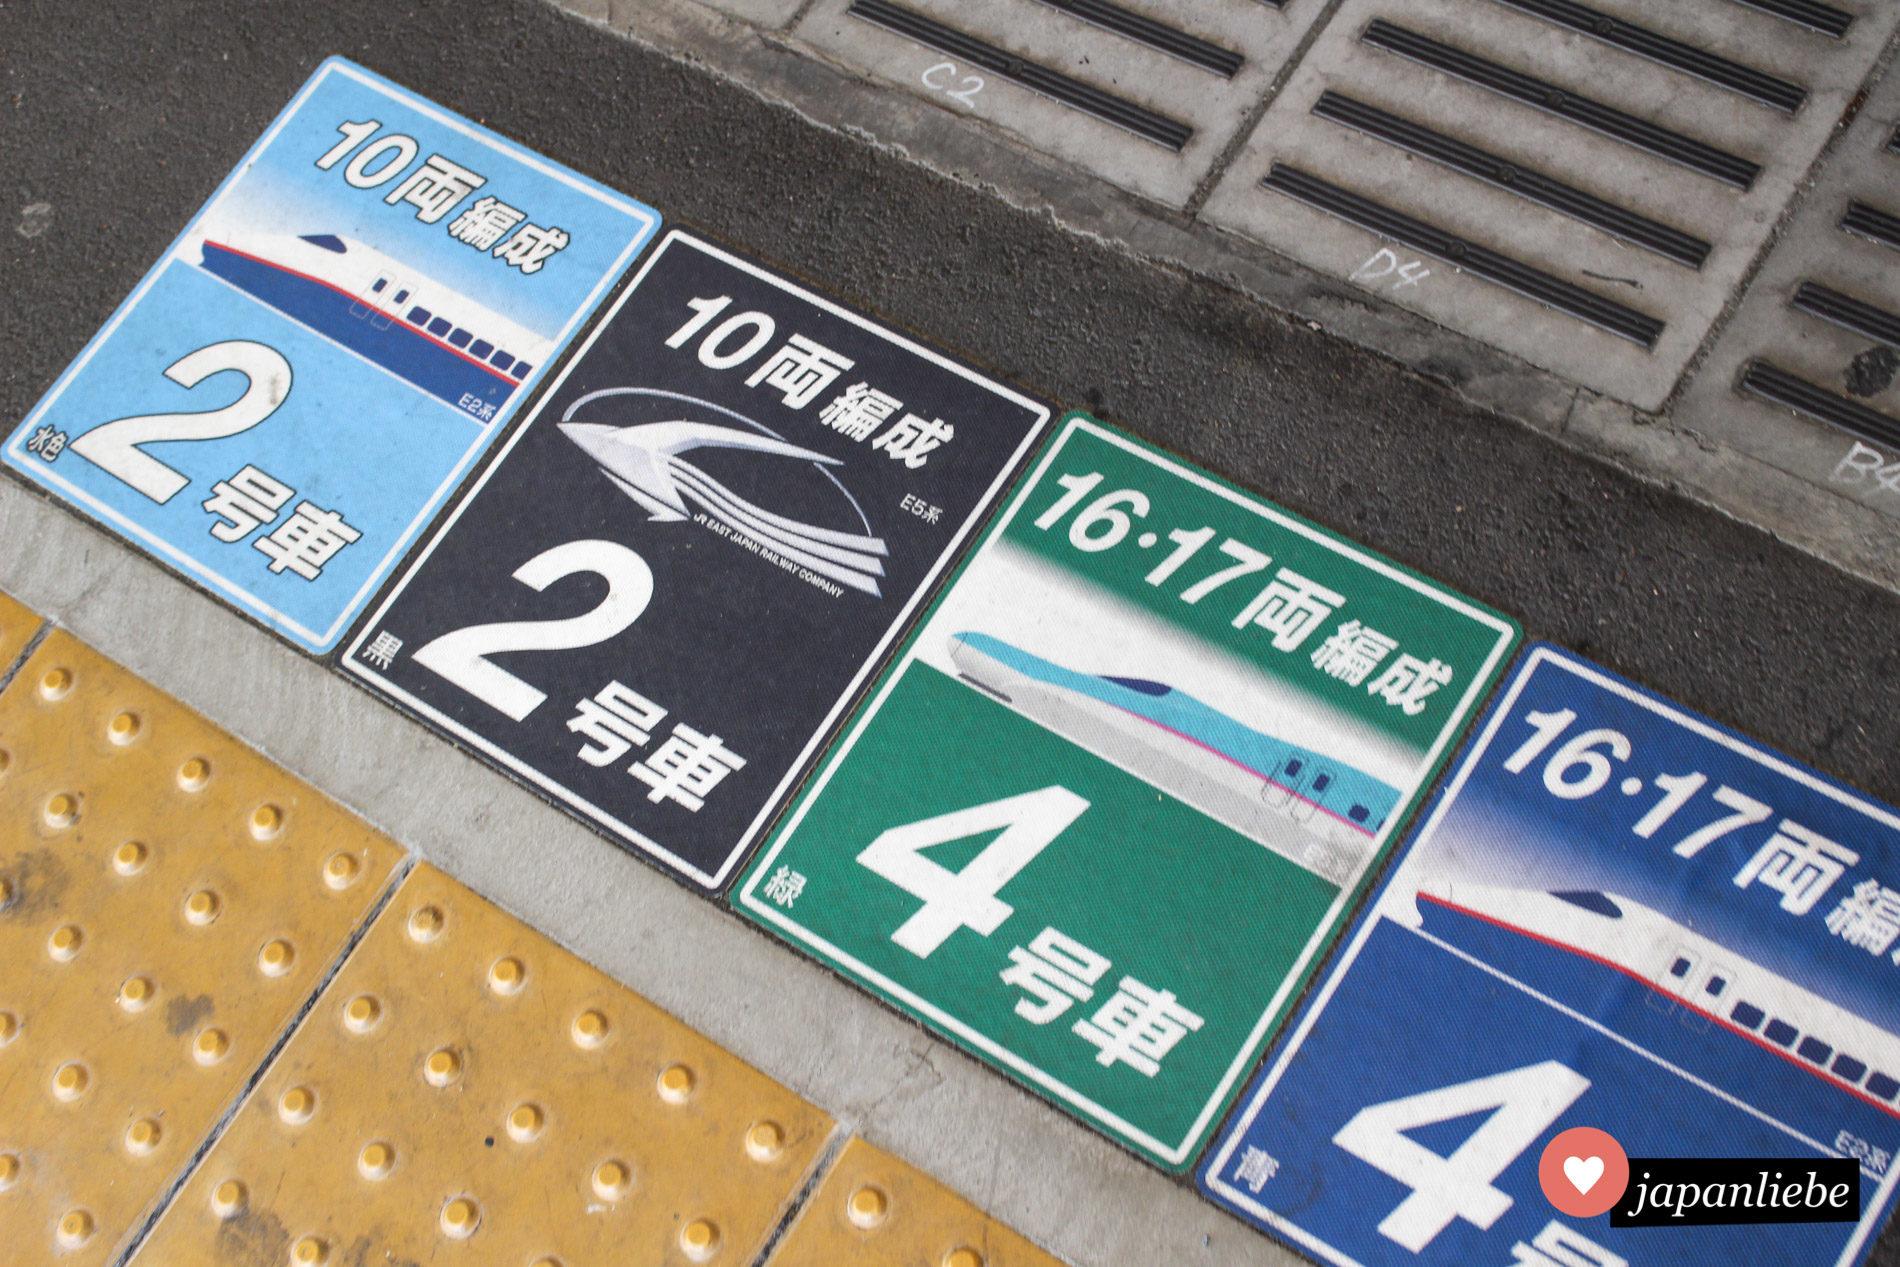 Bodenaufkleber am Bahnsteig in Utsunomiya helfen bei der Orientierung, wo man sich für den Shinkansen anstellen muss.